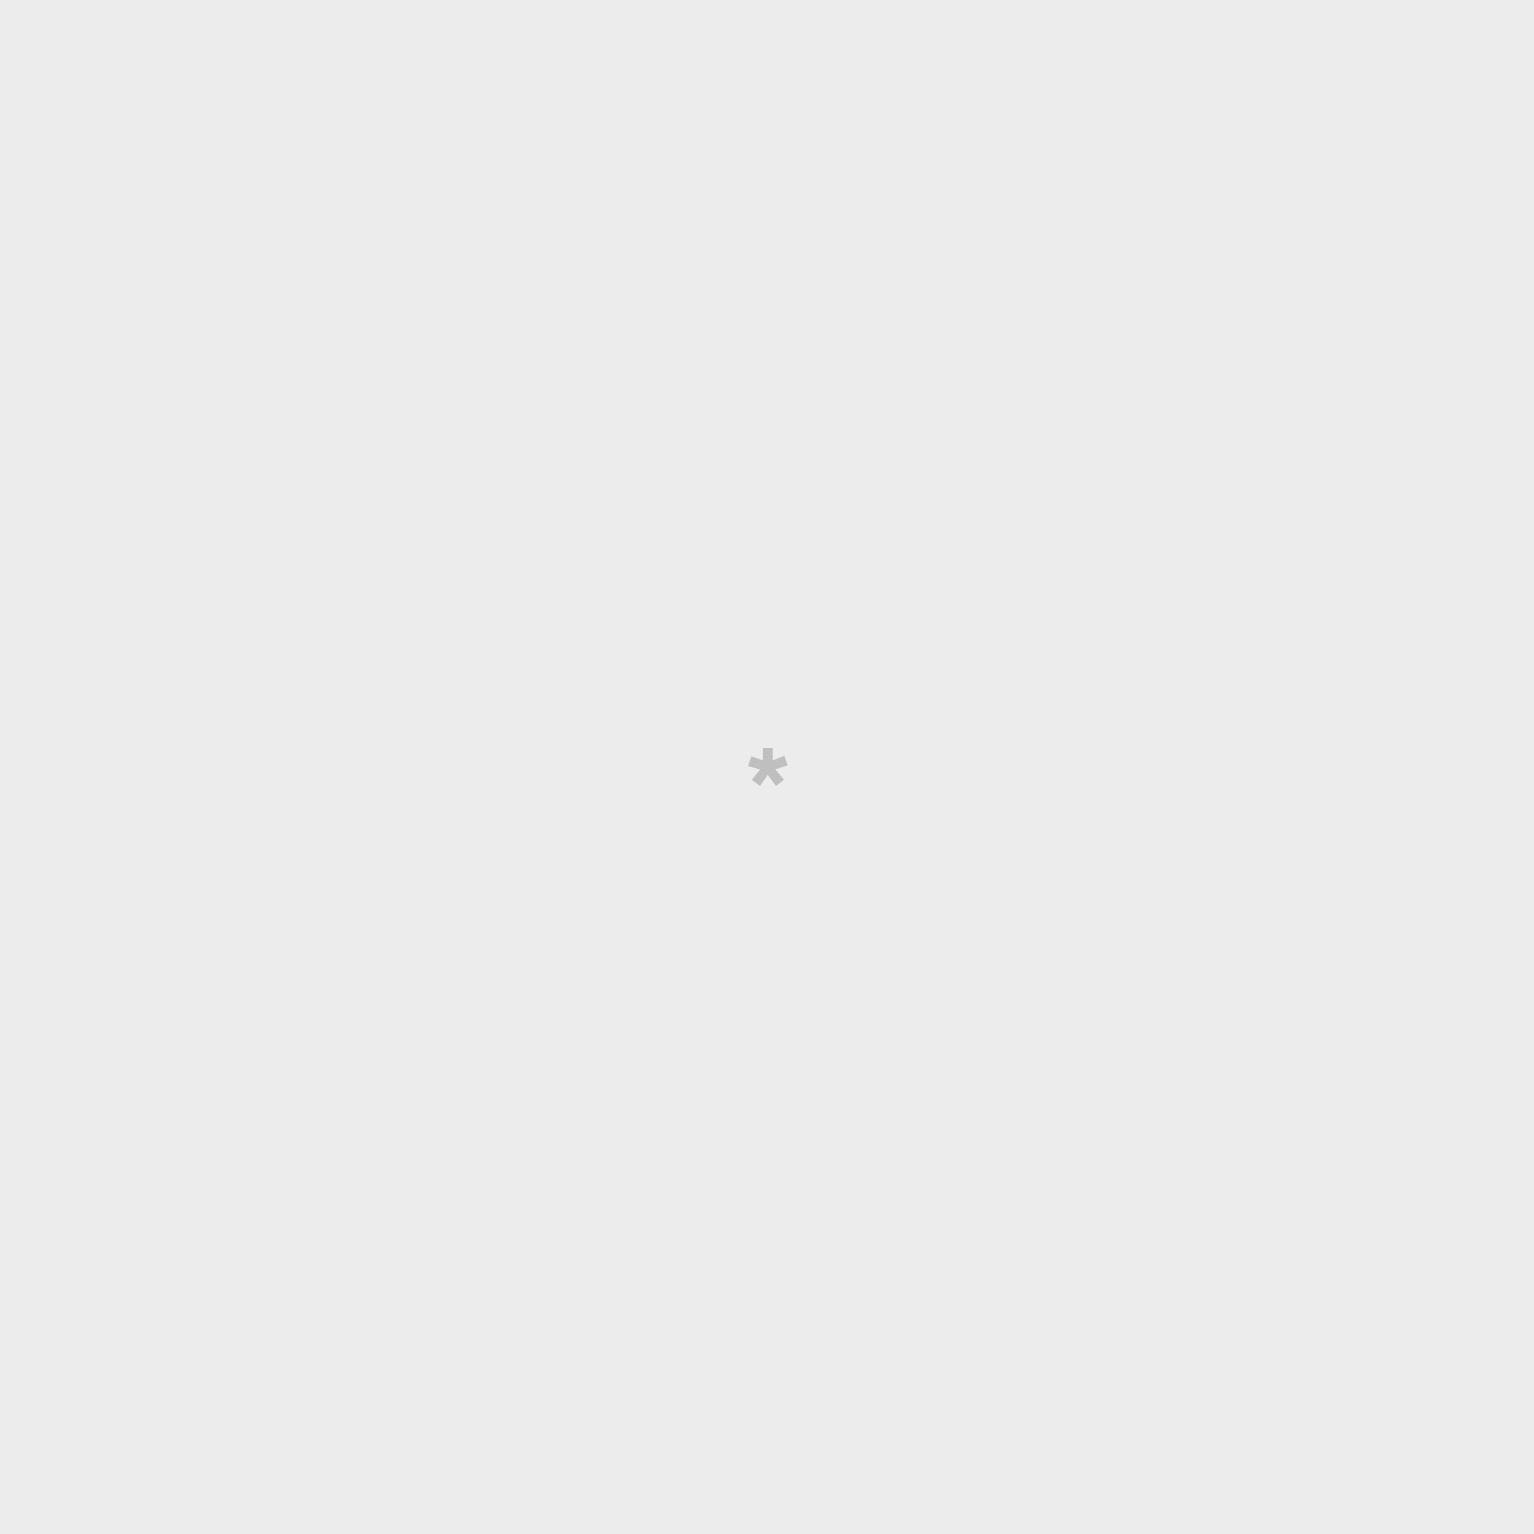 Kit de agenda sketch 2021-2022 diária - Vamos divertir-nos à grande